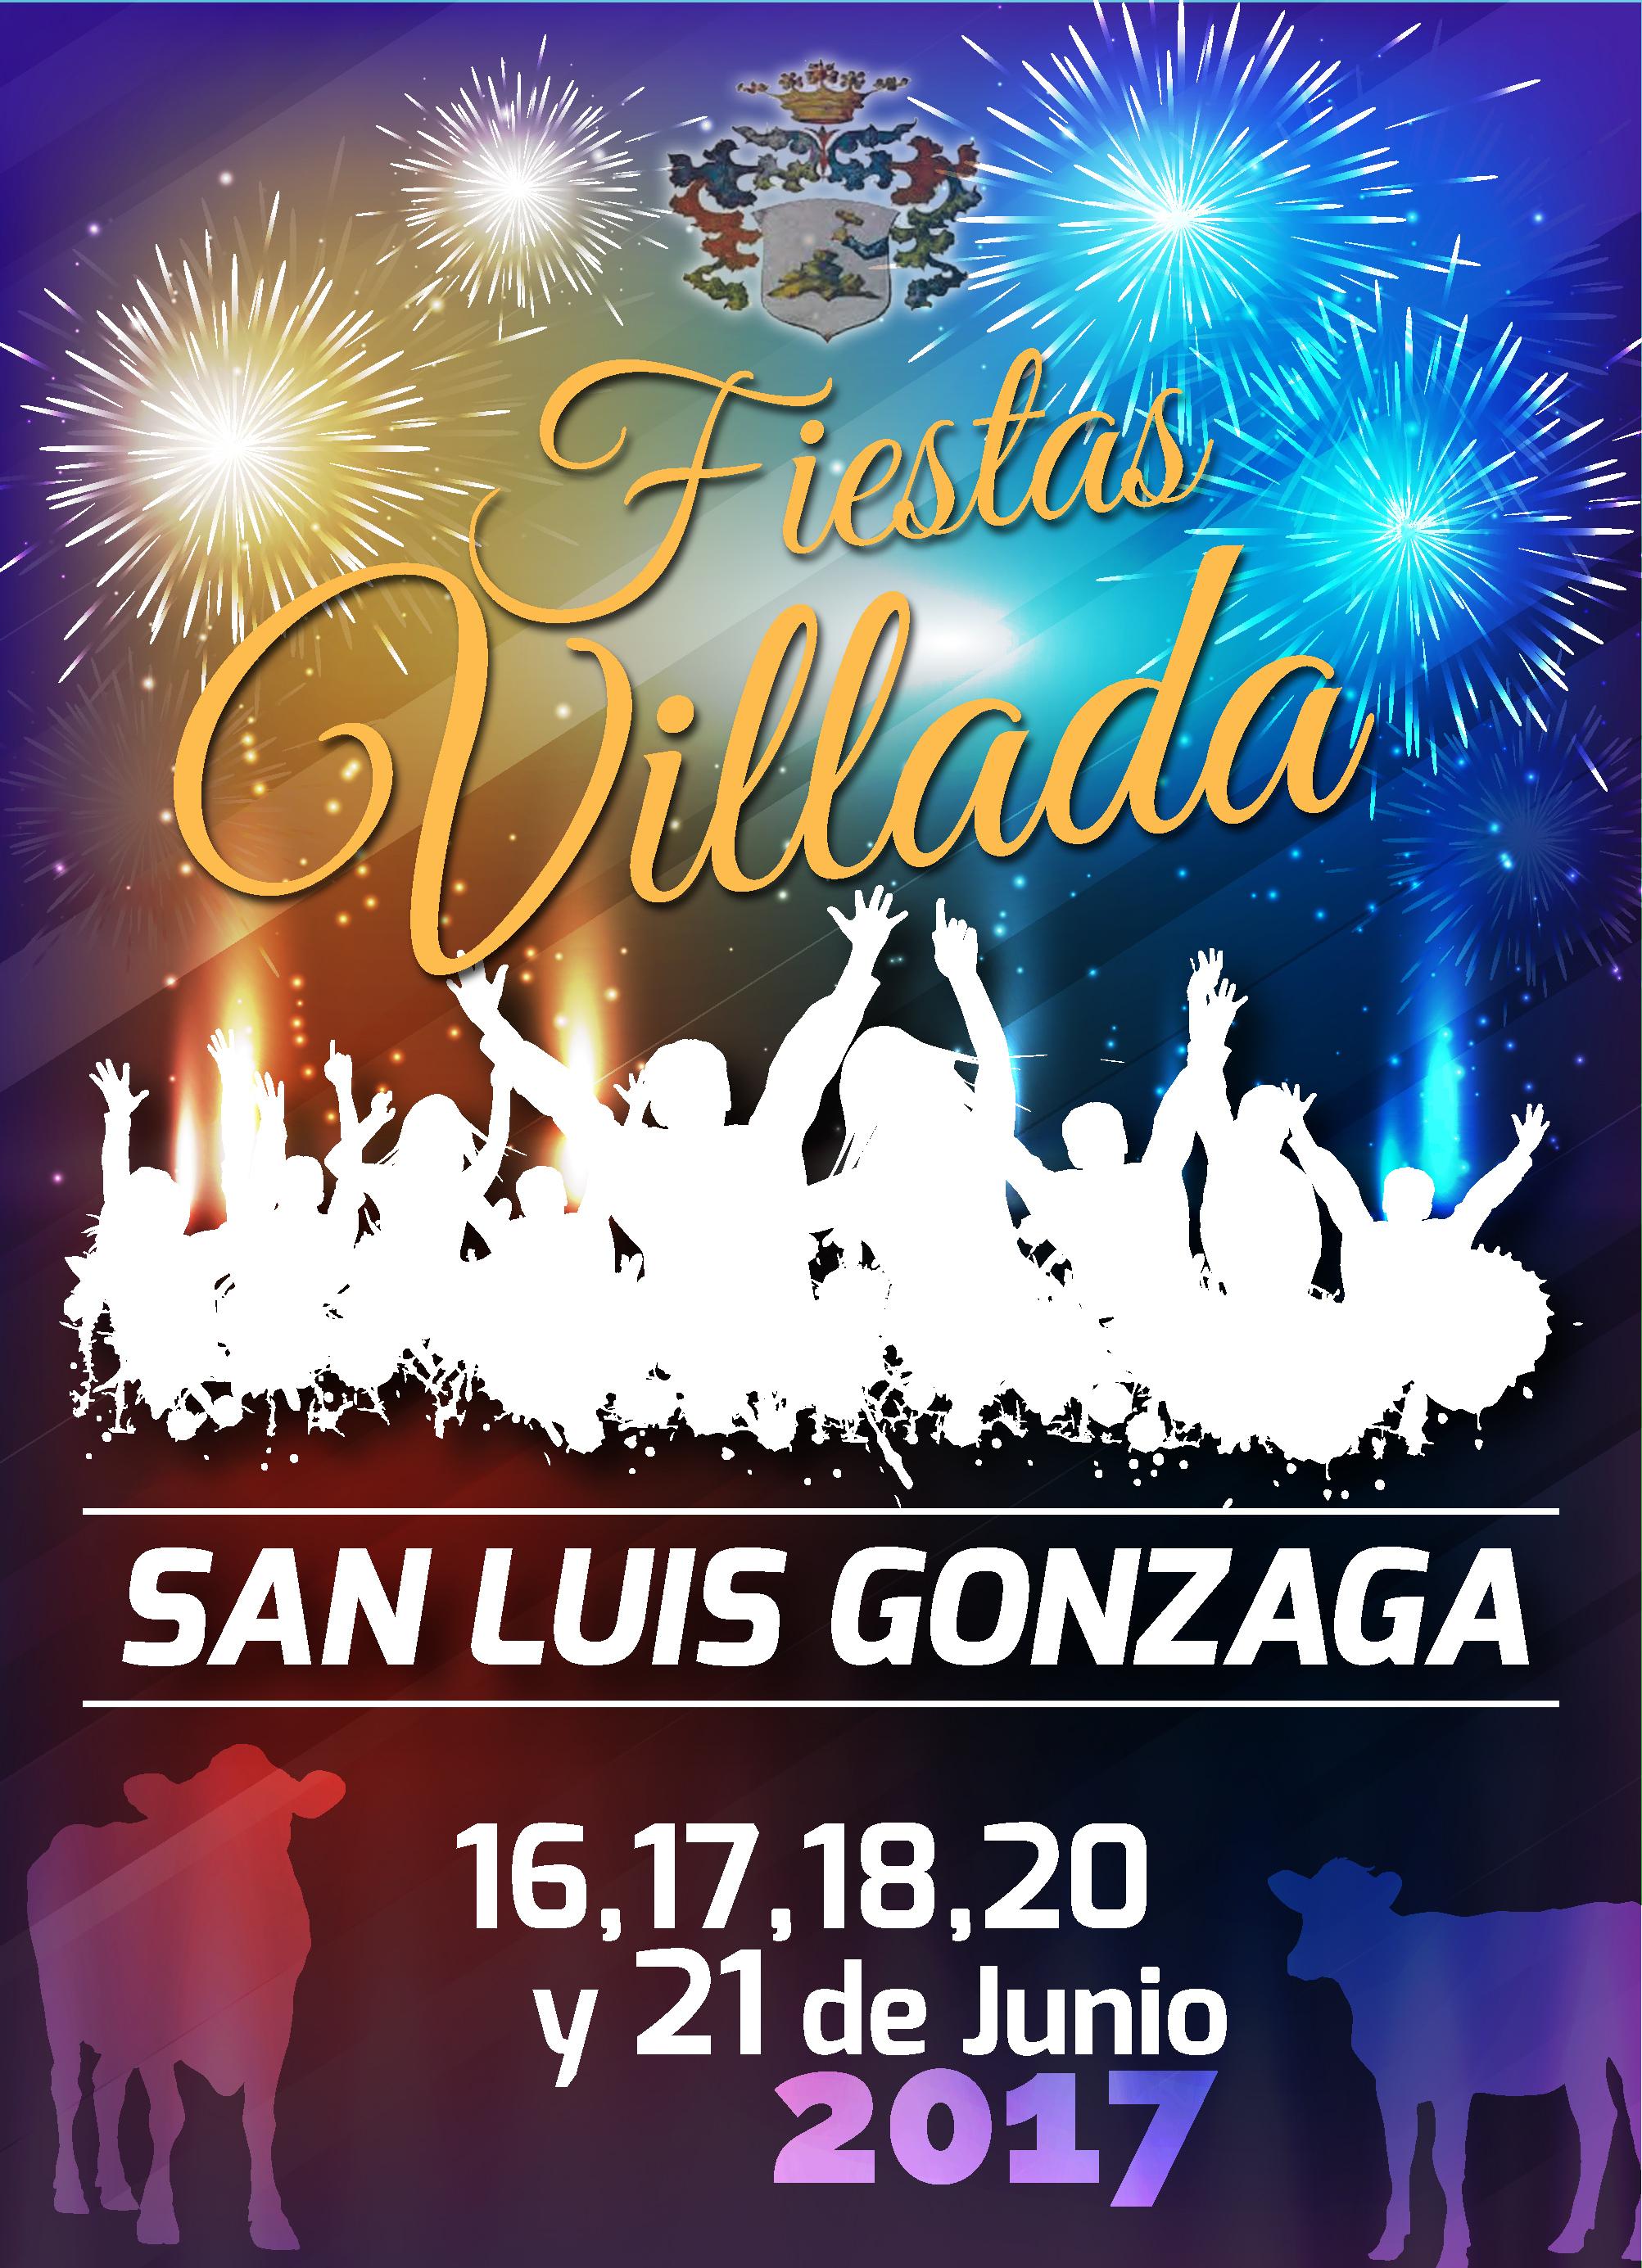 Fiestas San Luis 2017. 16, 17, 18, 20 y 21 de Junio.